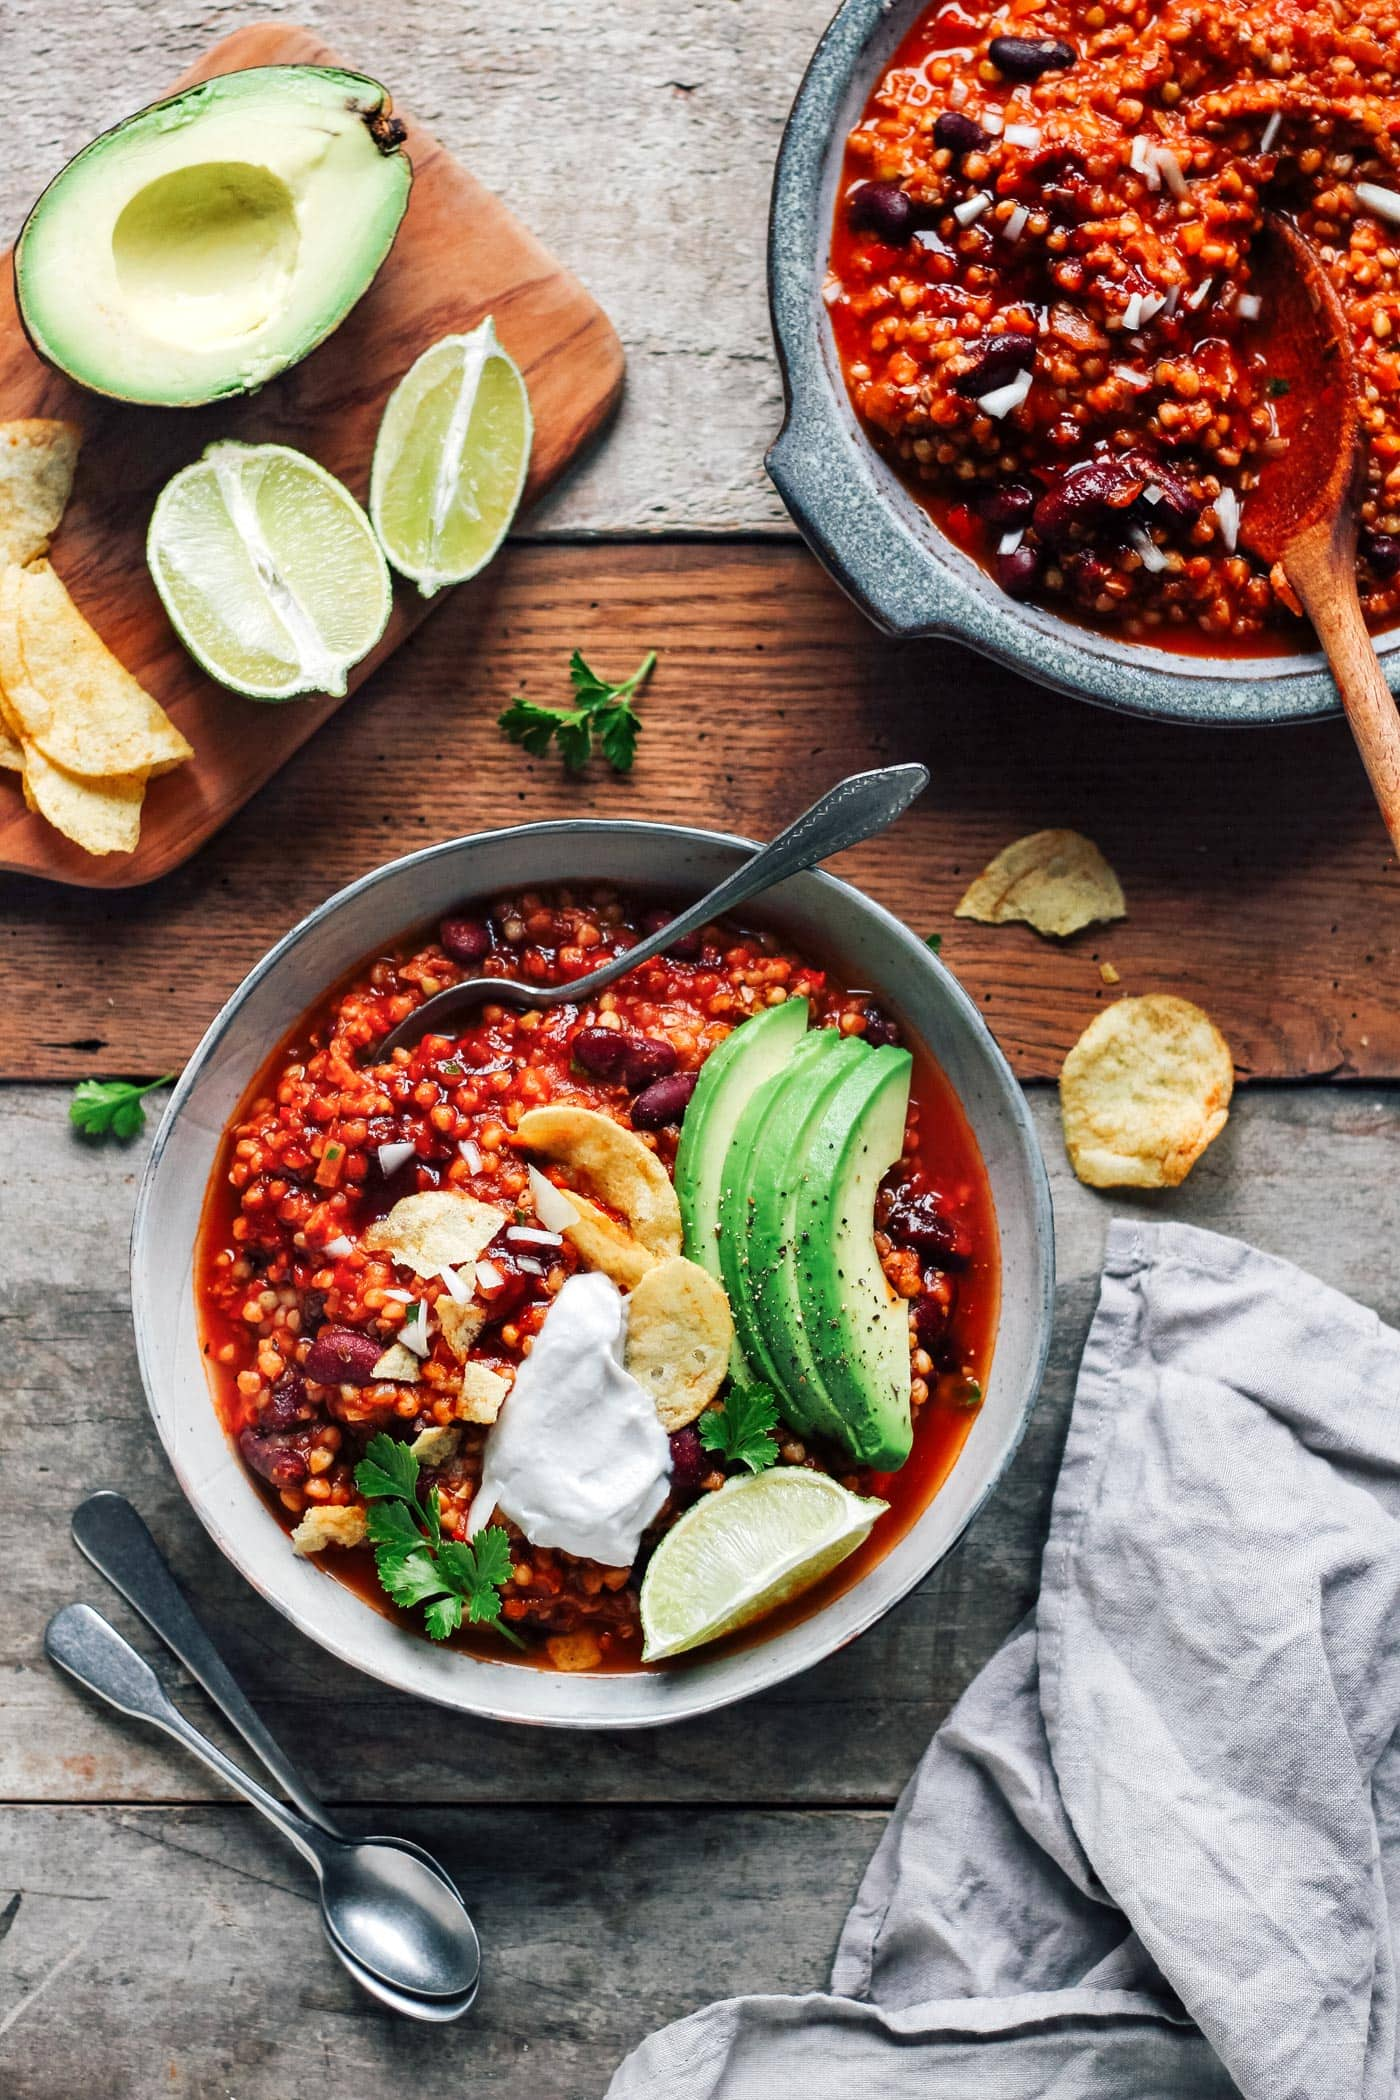 Easy Buckwheat Chili